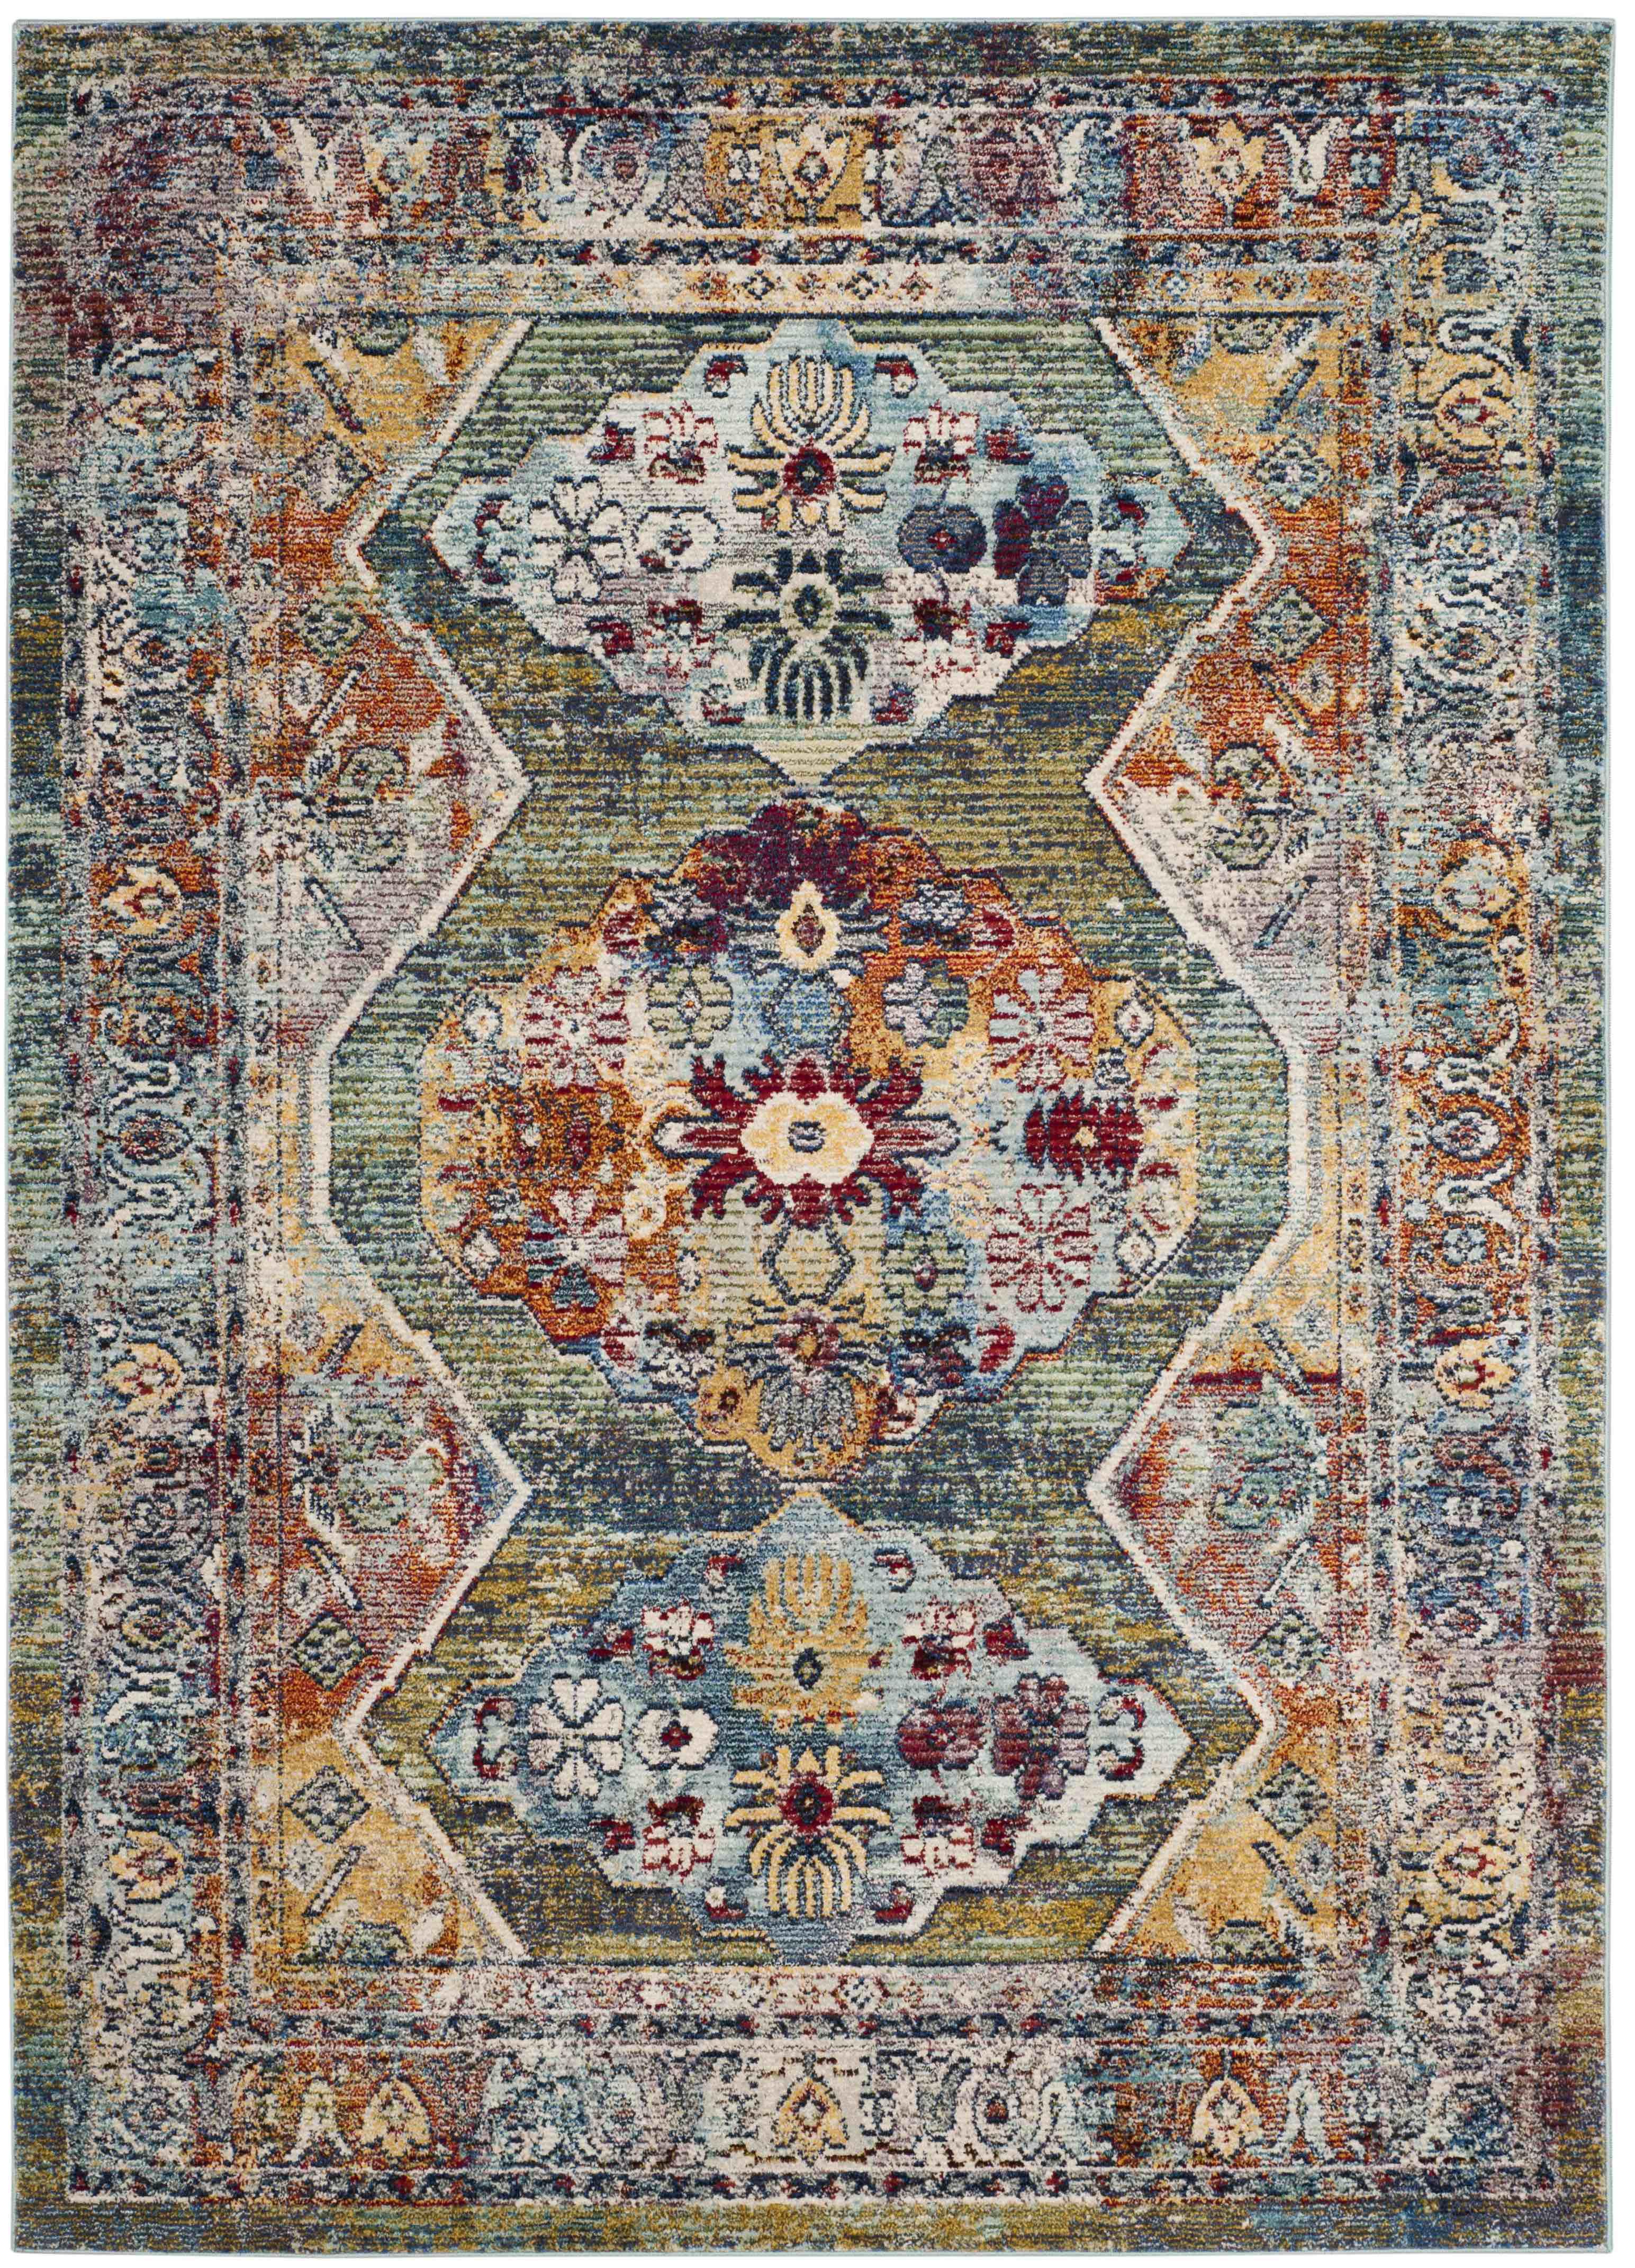 Safavieh Savannah area rug